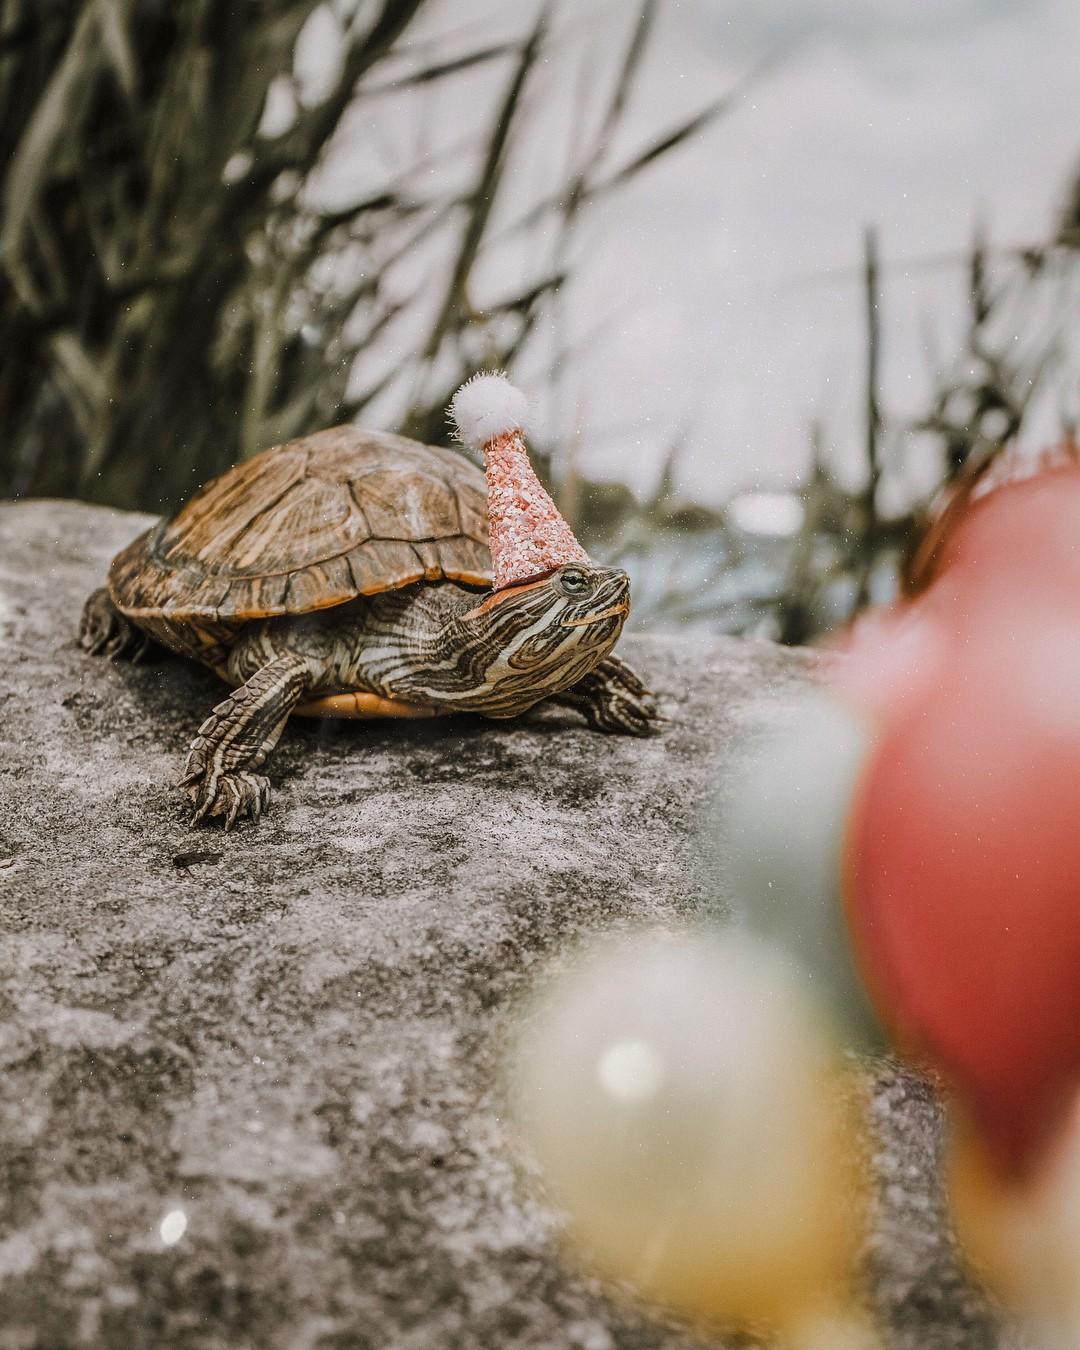 Cuộc sống sang chảnh của 2 chú rùa tai đỏ đang chiếm trọn trái tim người dùng Instagram - Ảnh 2.